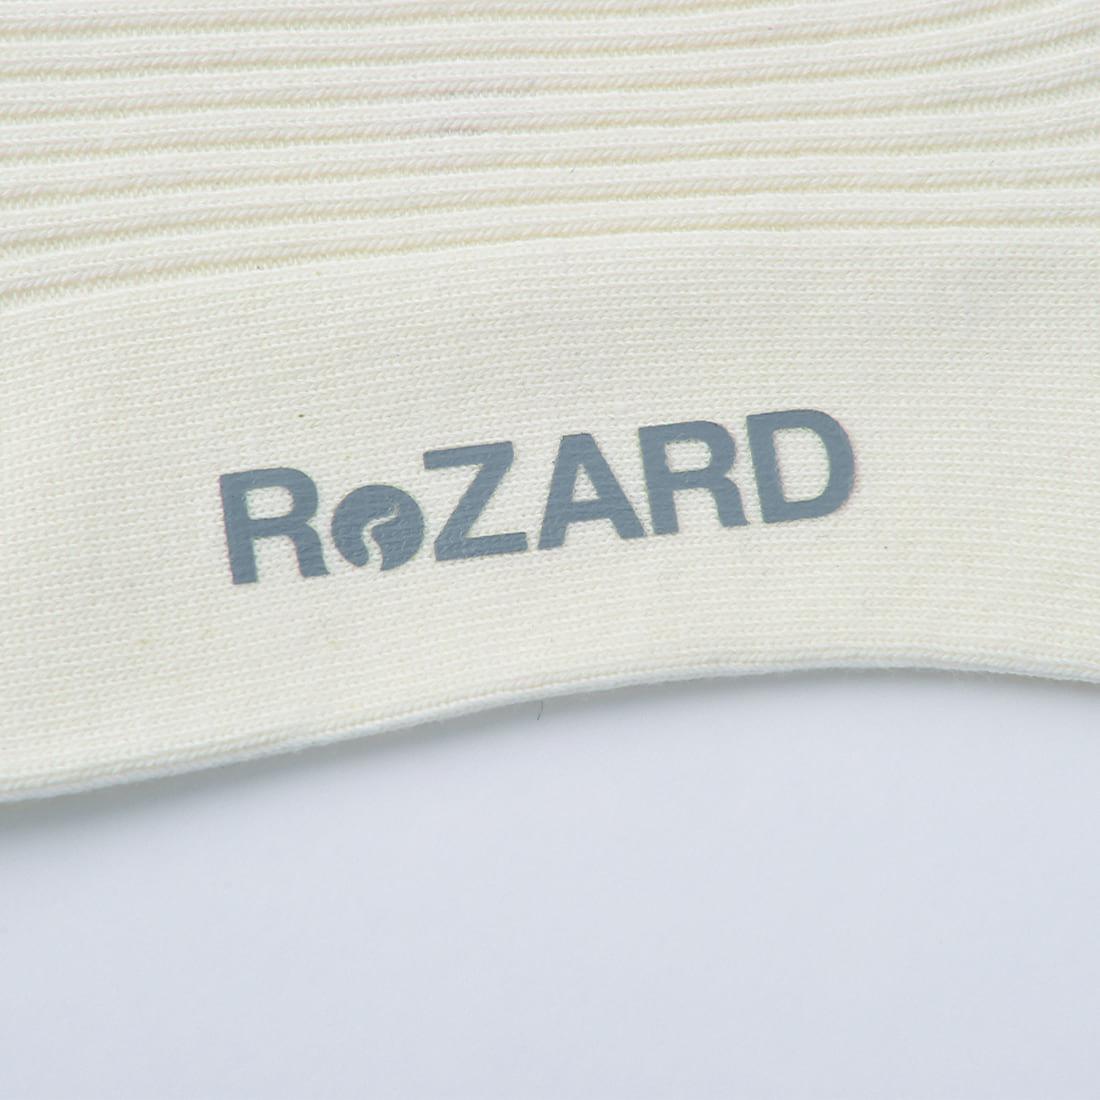 【ReZARD】Short-length Socks